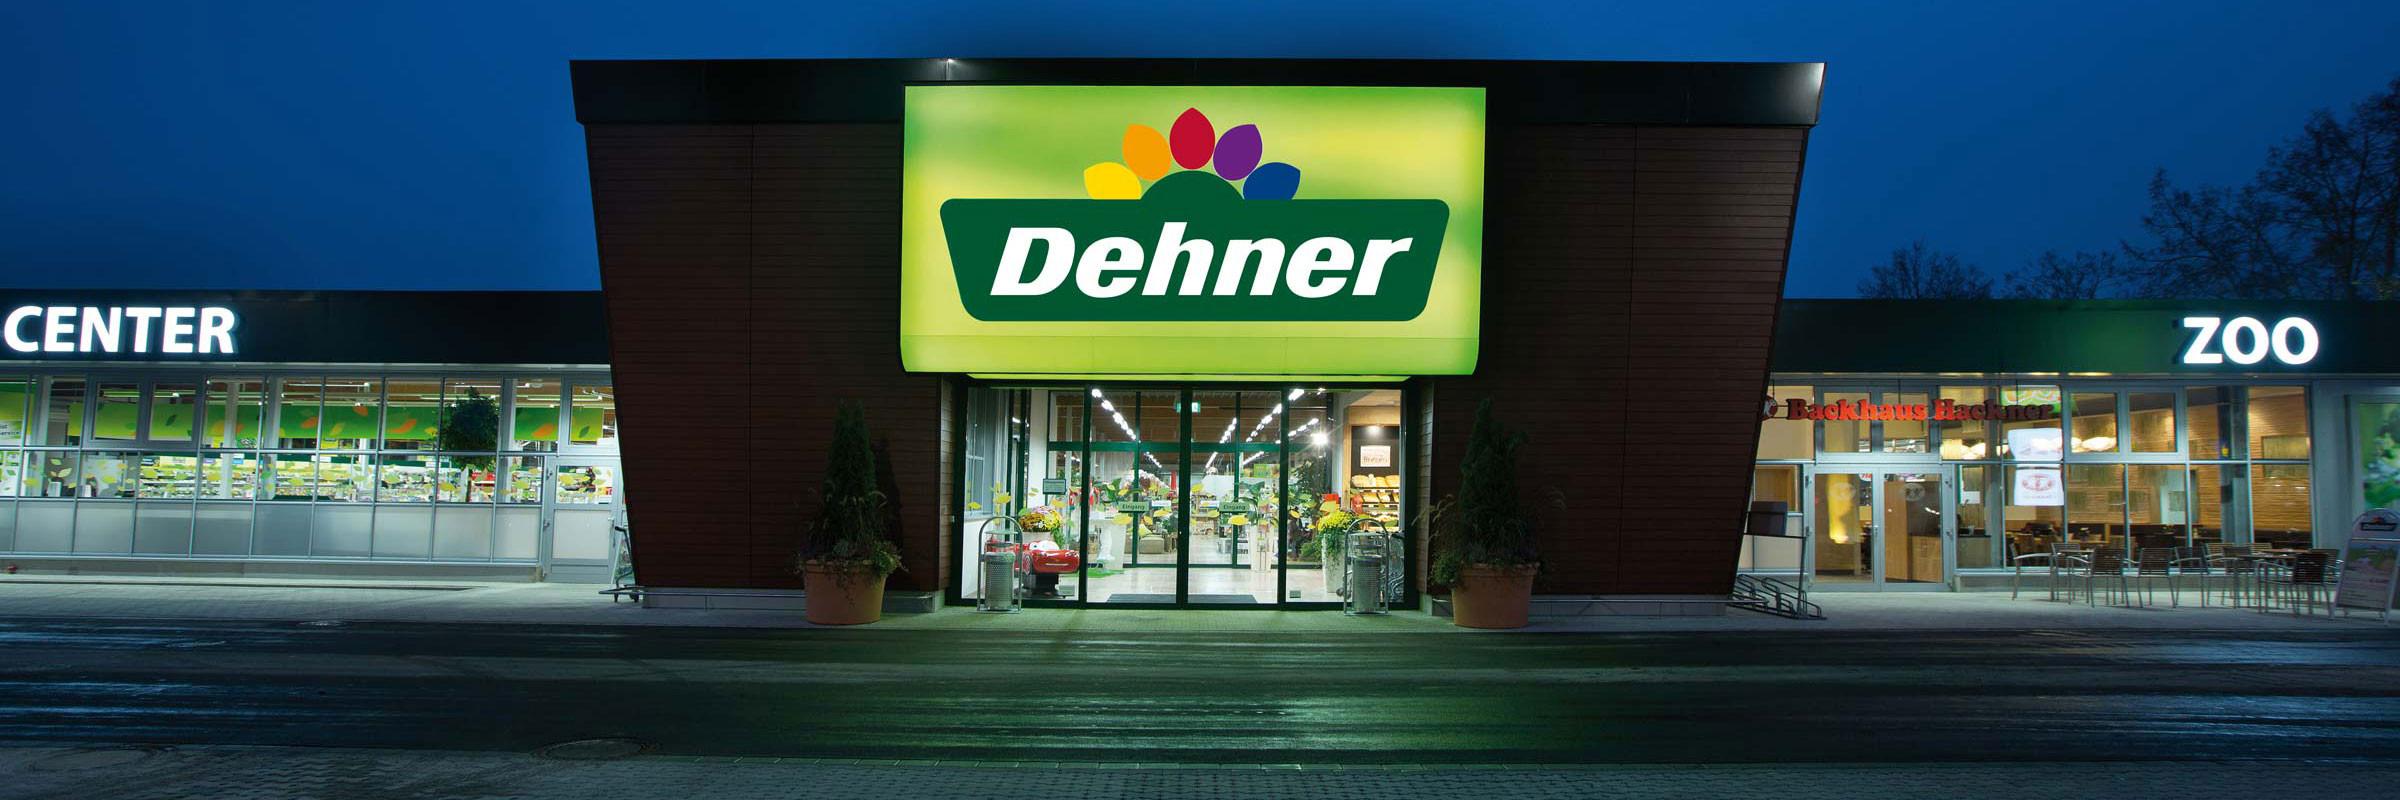 dehner gartencenter in ingolstadt 1 dehner. Black Bedroom Furniture Sets. Home Design Ideas